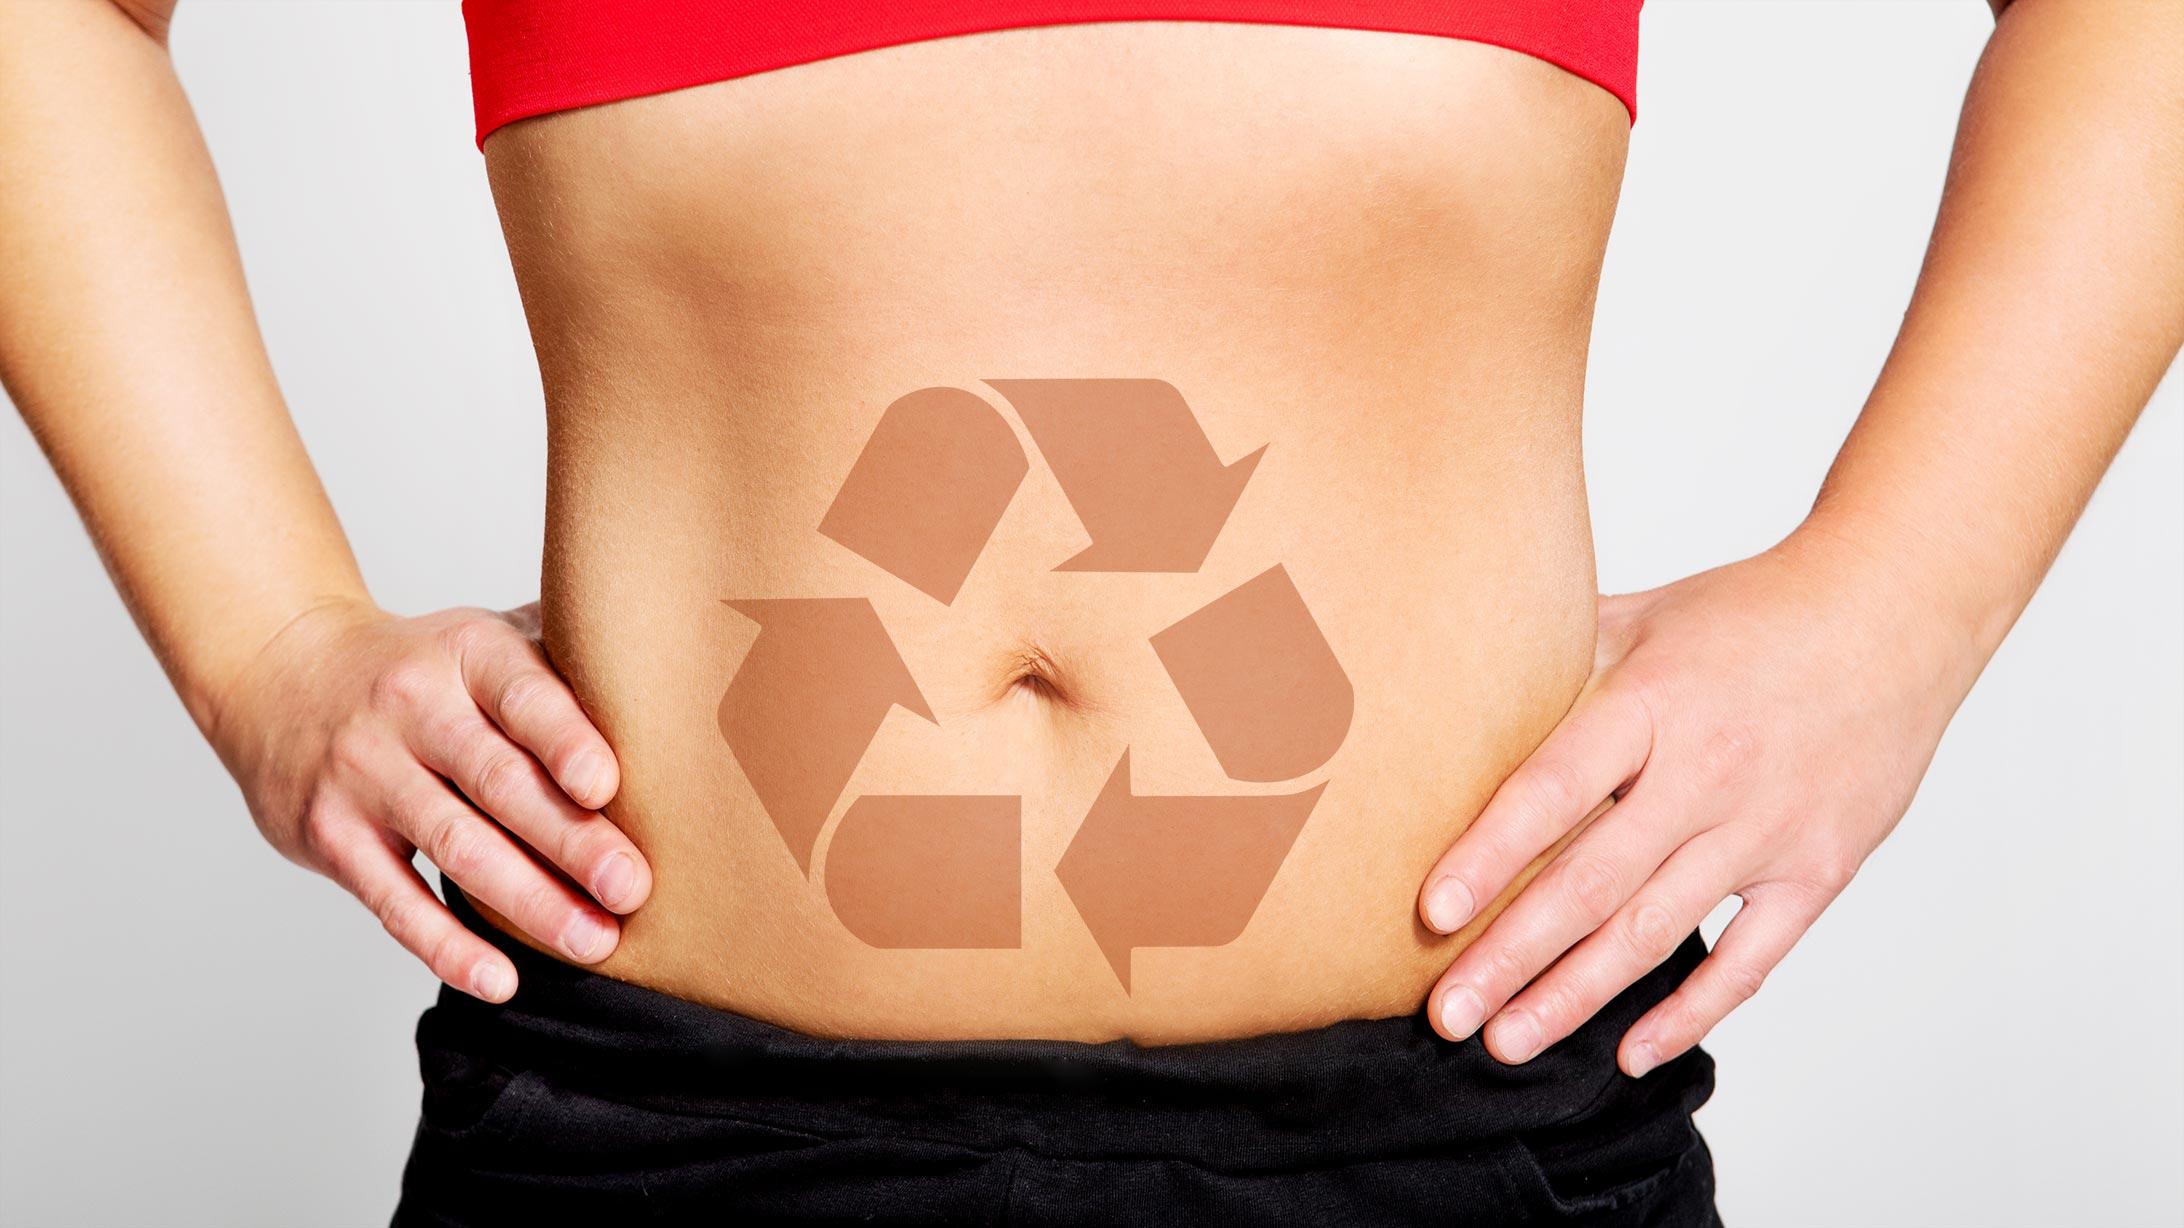 Ein Bauch mit einem symbolischen Recycling-Icon